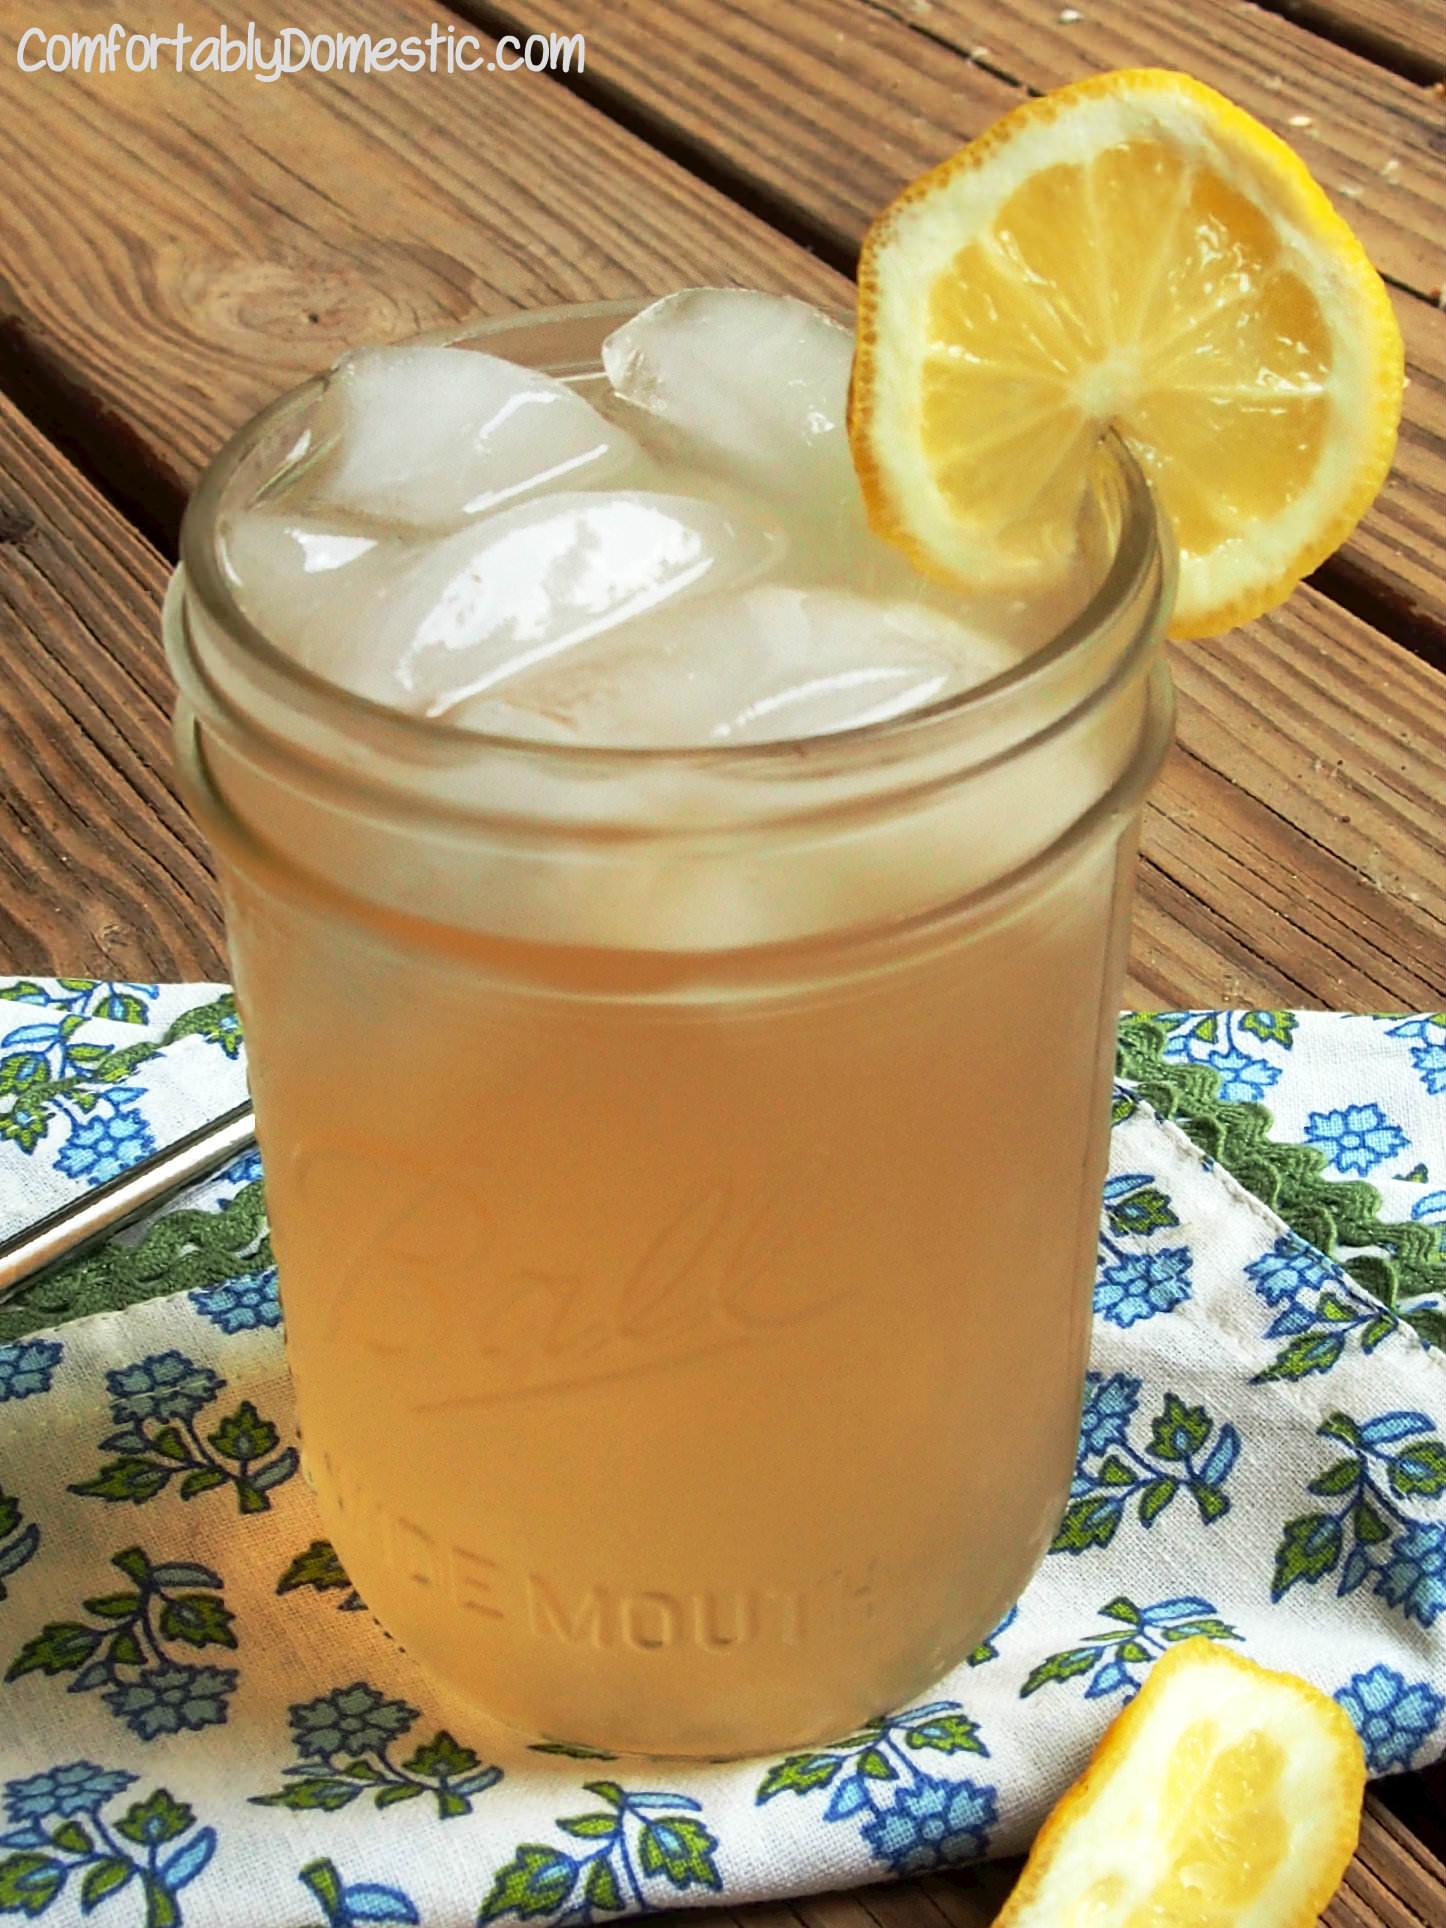 Homemade Lavender Lemonade | ComfortablyDomestic.com